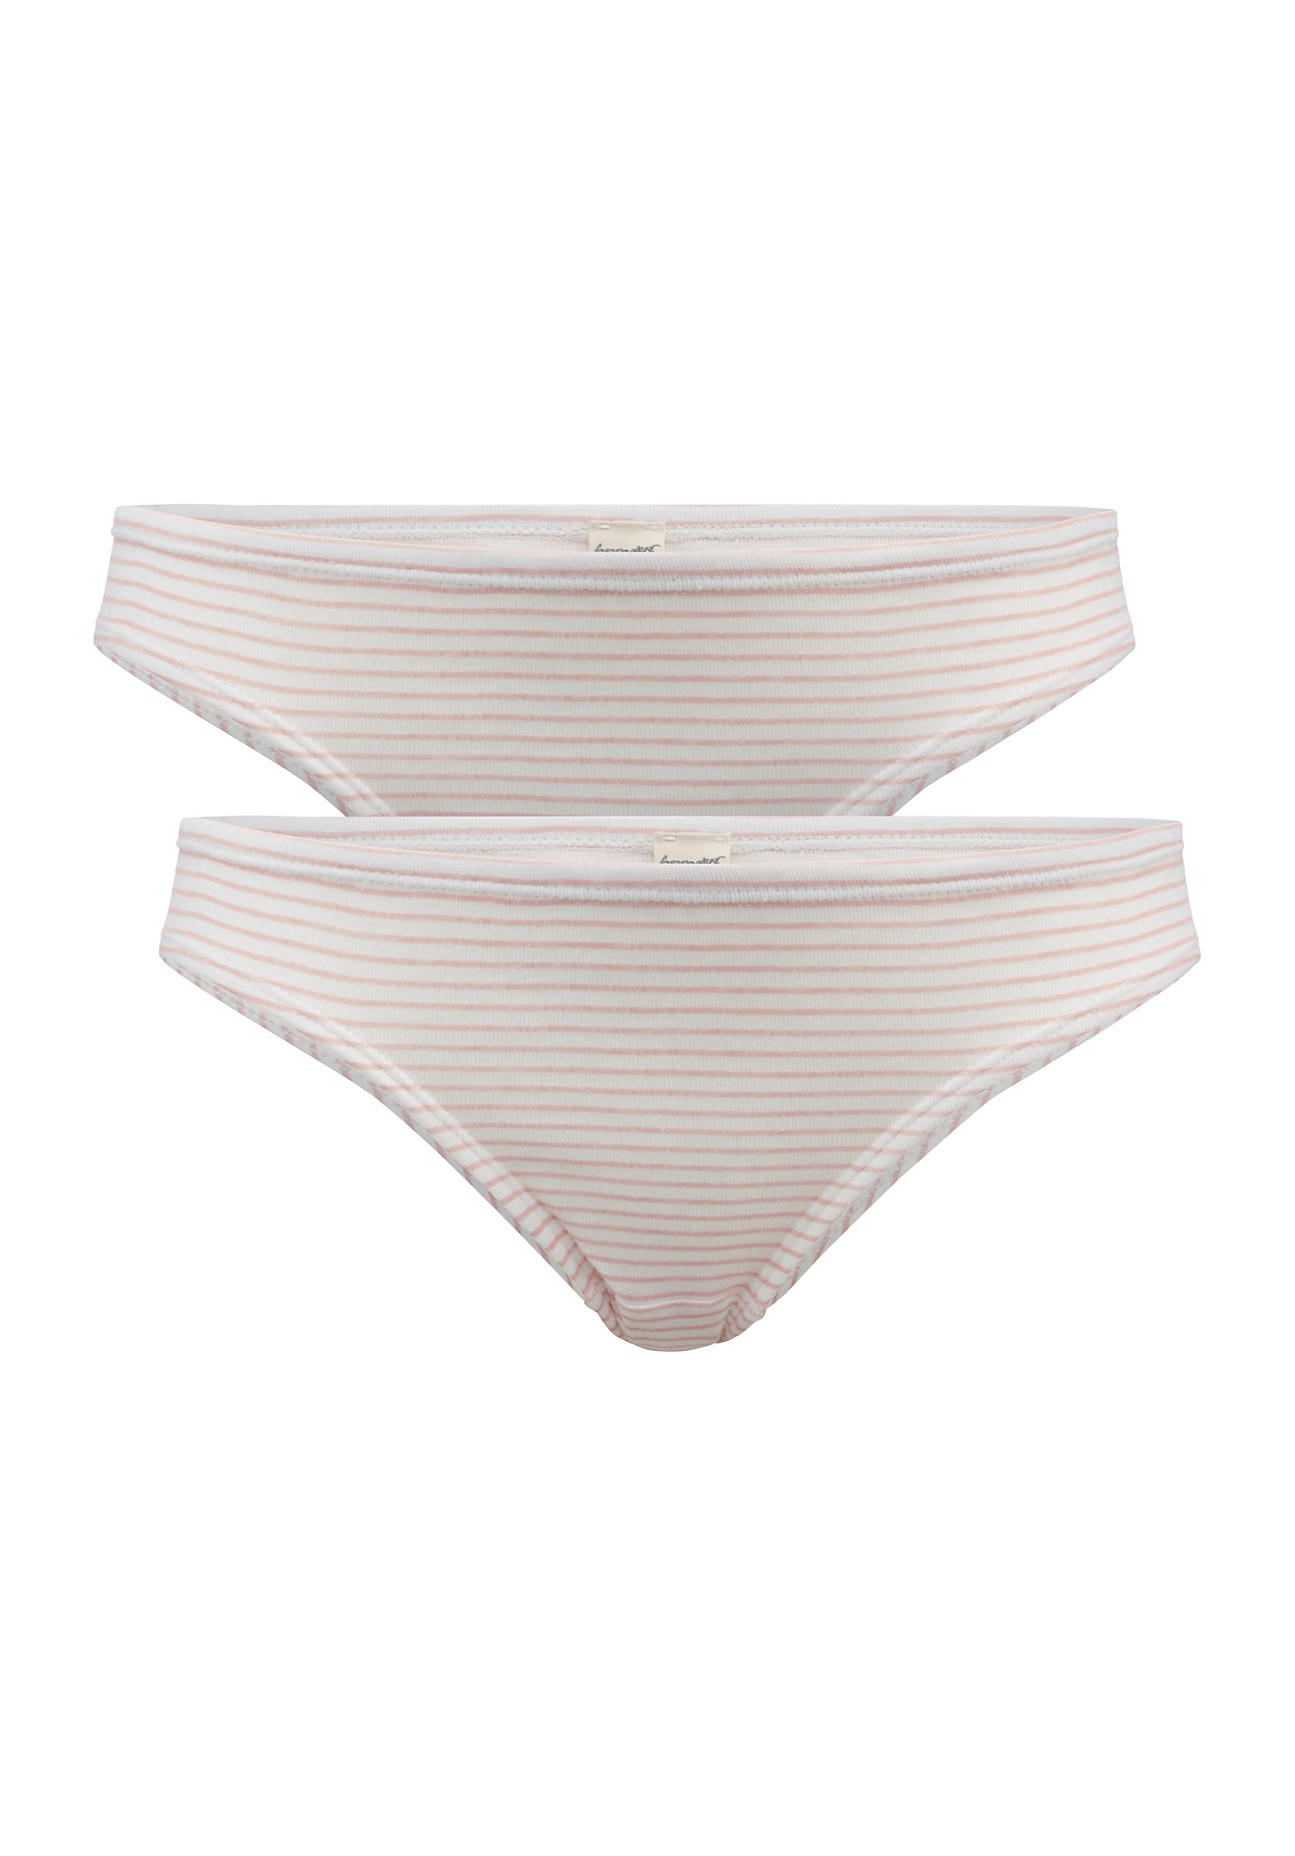 hessnatur Damen Mini Slip PureDAILY im 2er Set aus Bio Baumwolle – rosa – Größe 38